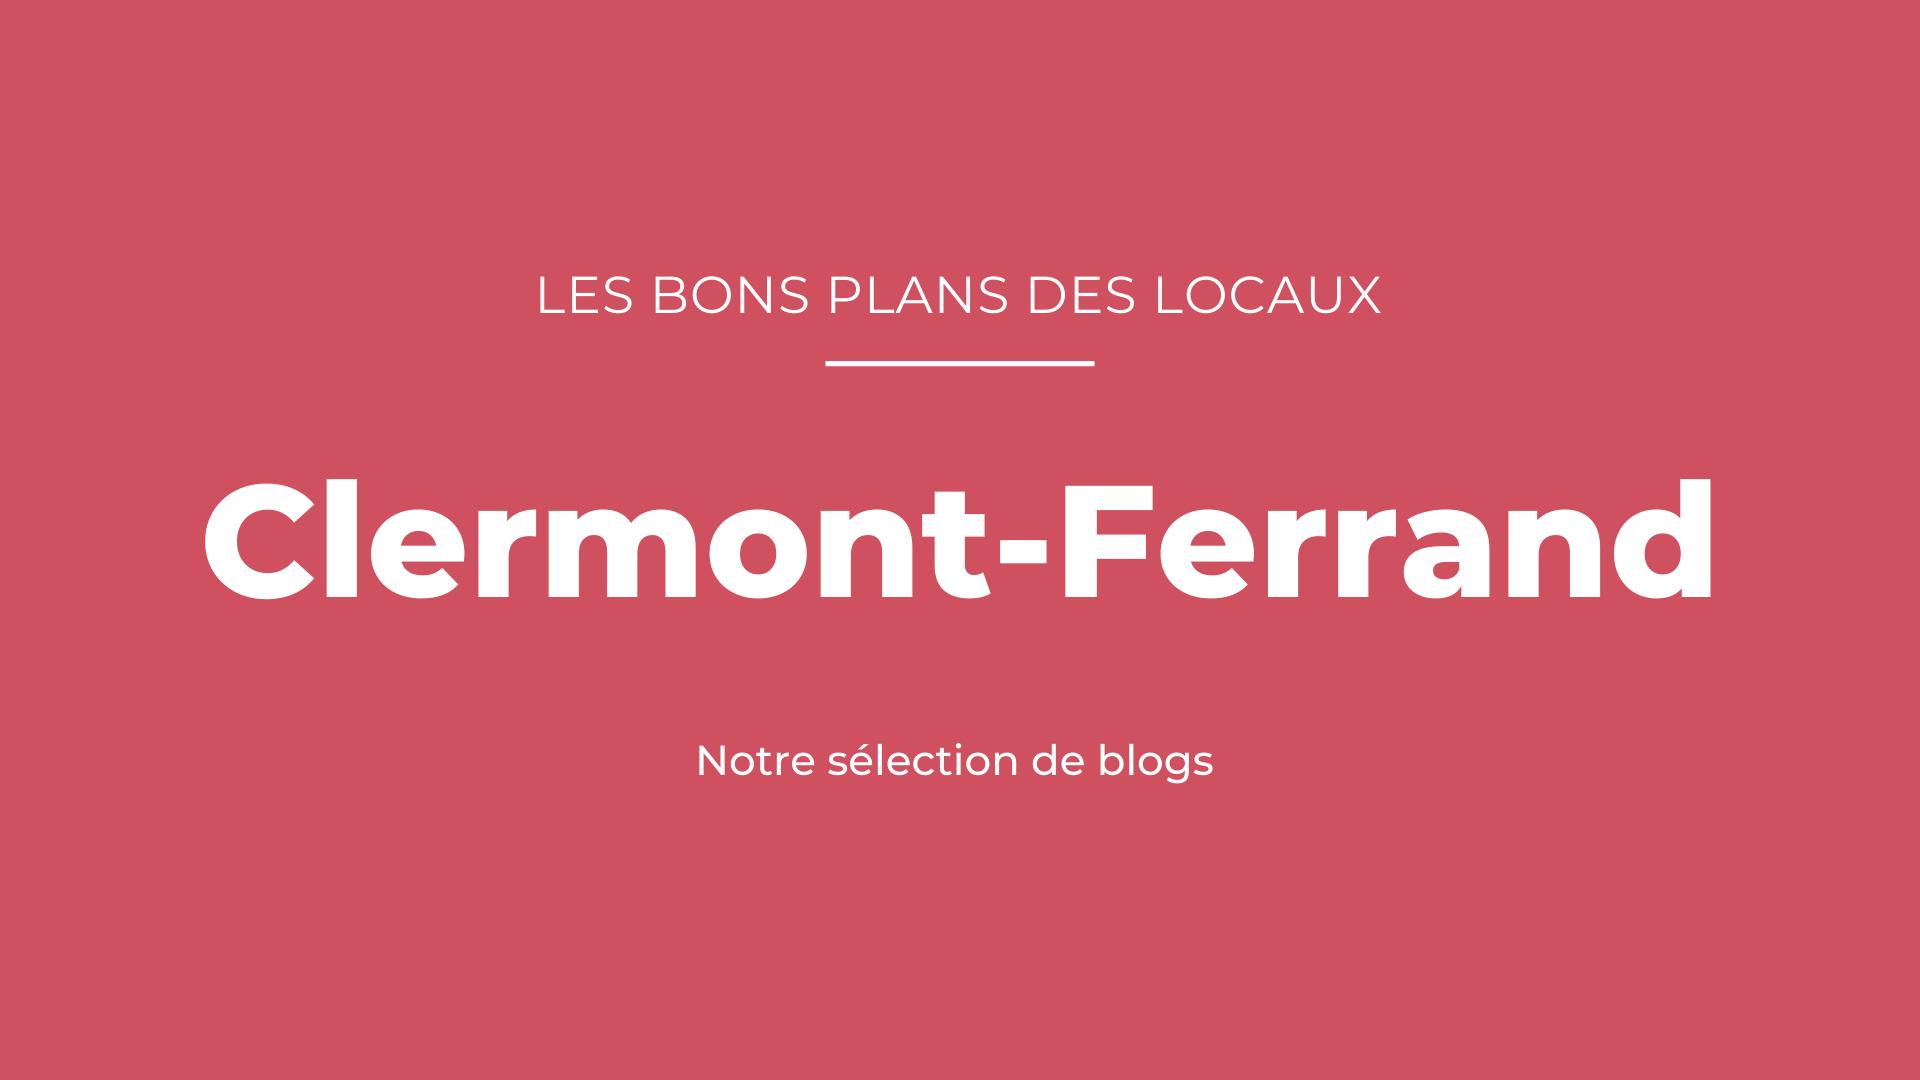 Notre sélection de blogs à Clermont-Ferrand